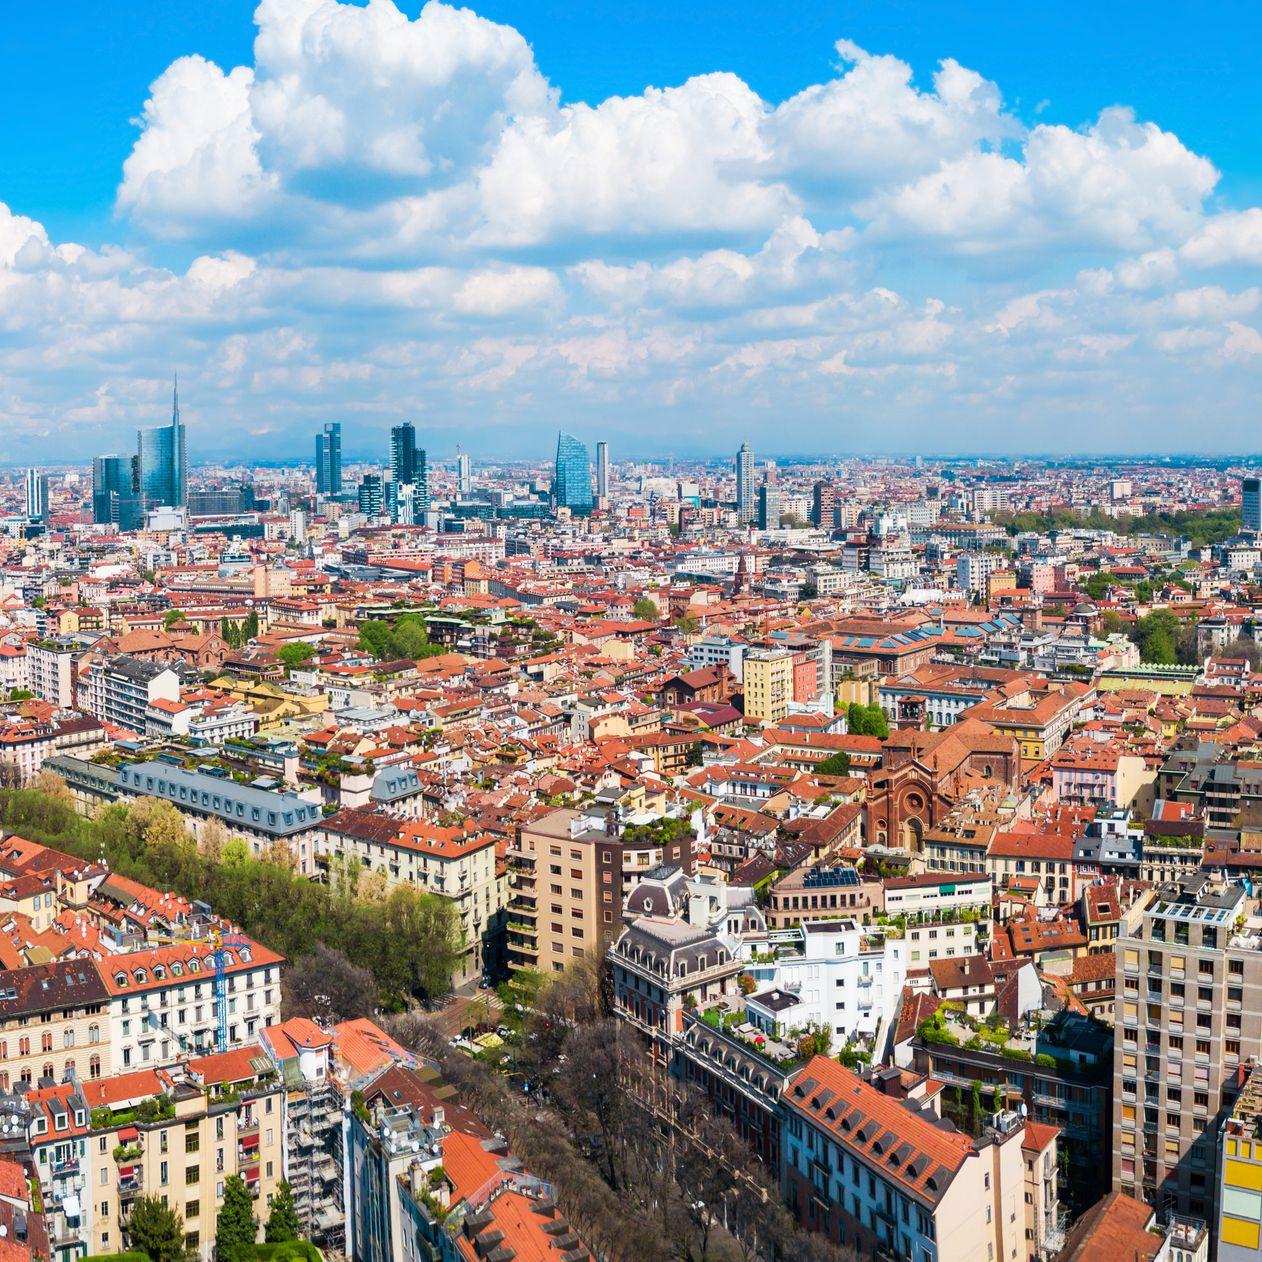 The Top Neighborhoods to Explore in Milan